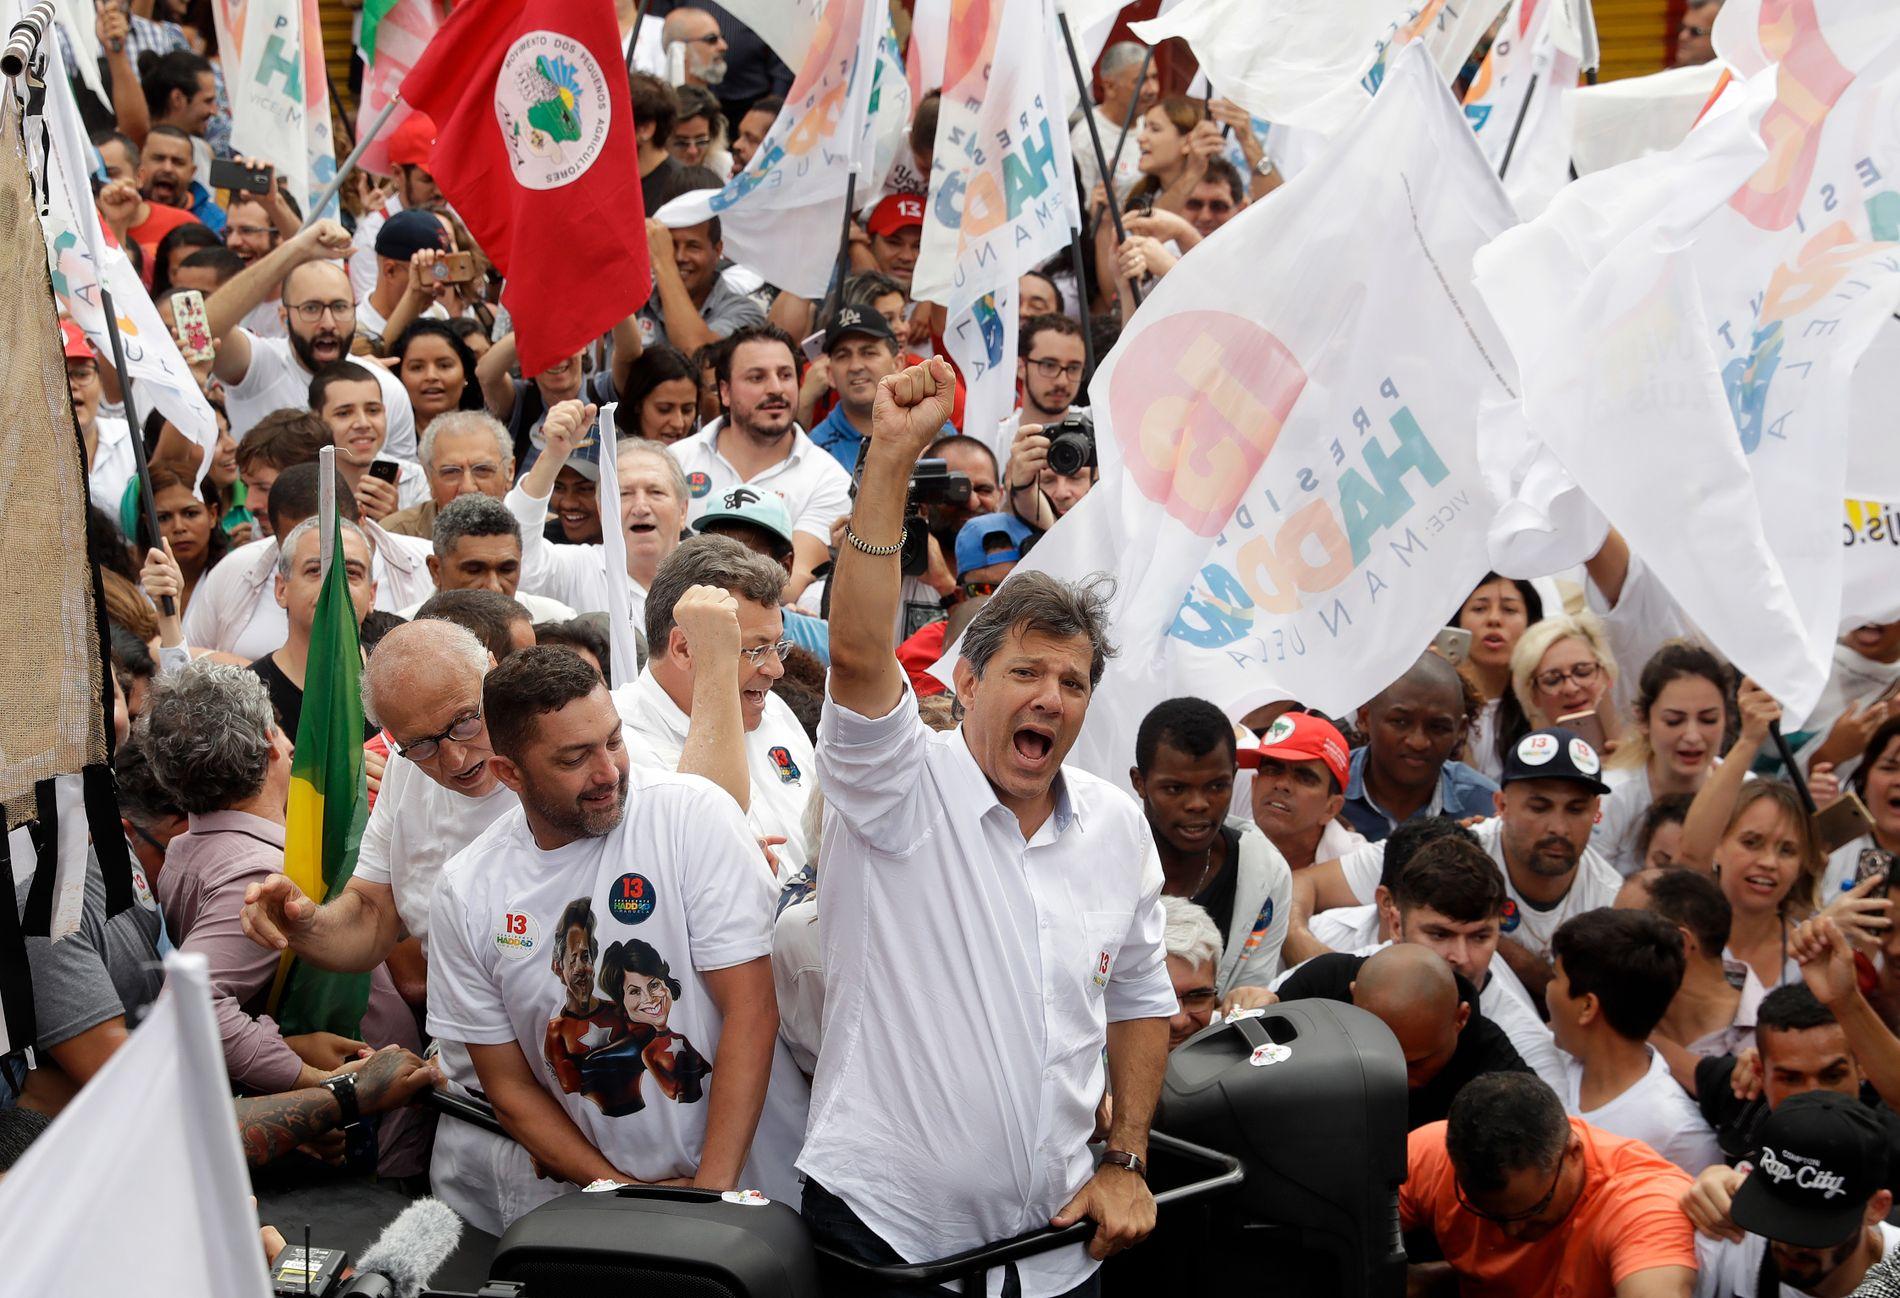 KANDIDAT: Fernando Haddad ser ut til å tape presidentvalget mor Jair Bolsonaro, til tross for at meningsmålingene viser at Haddad øker oppslutningen.